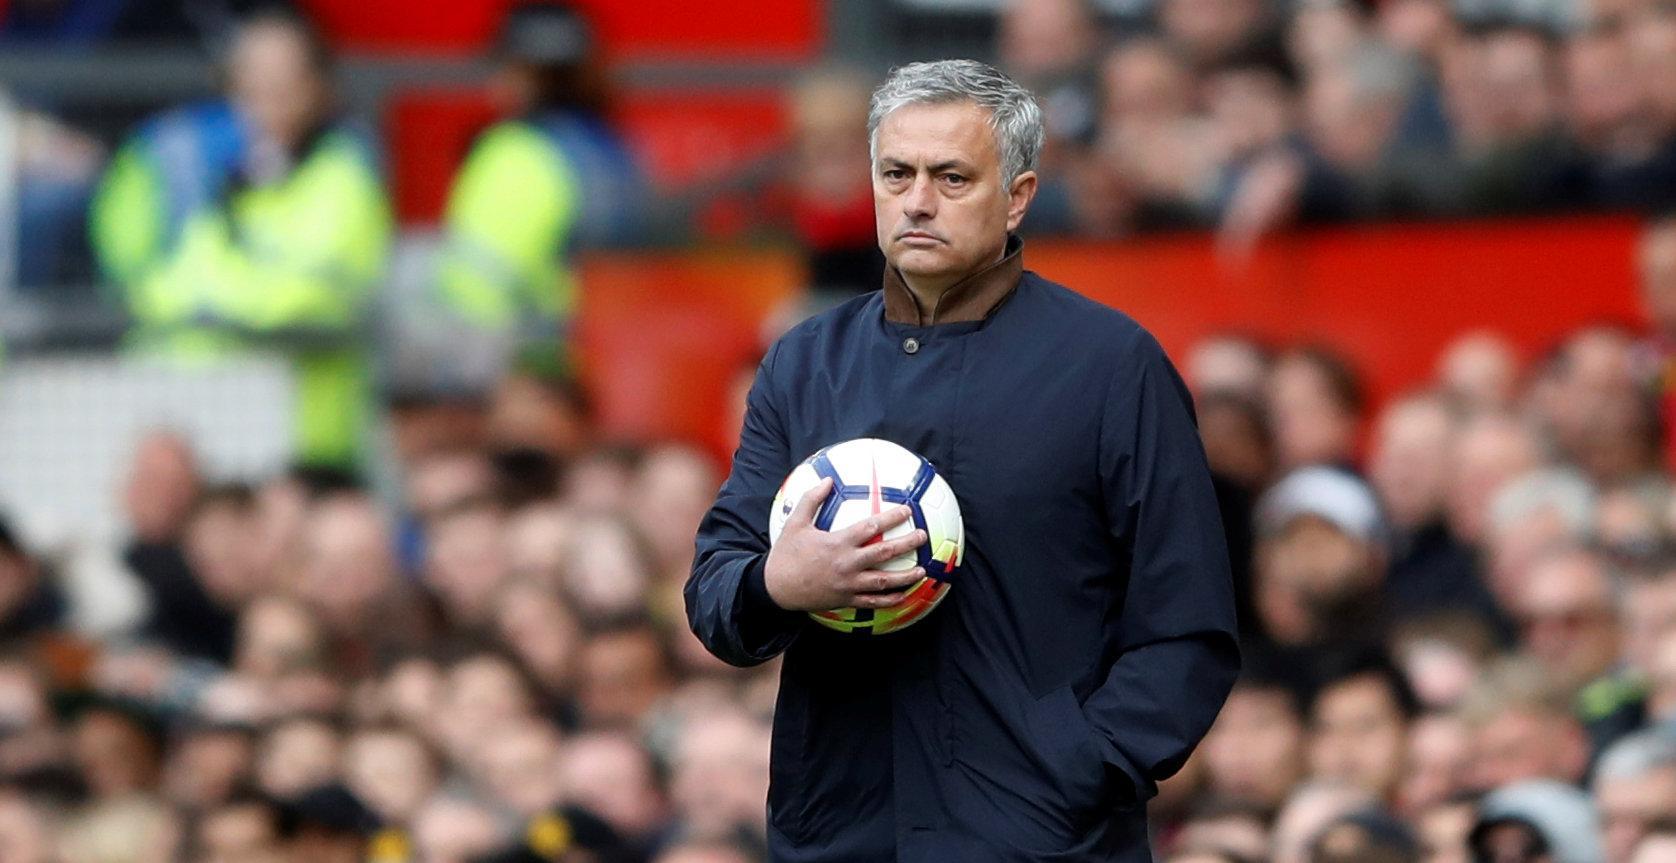 Mourinho pagará 800.000 euros a Hacienda tras declararse culpable de defraudar 3,3 millones